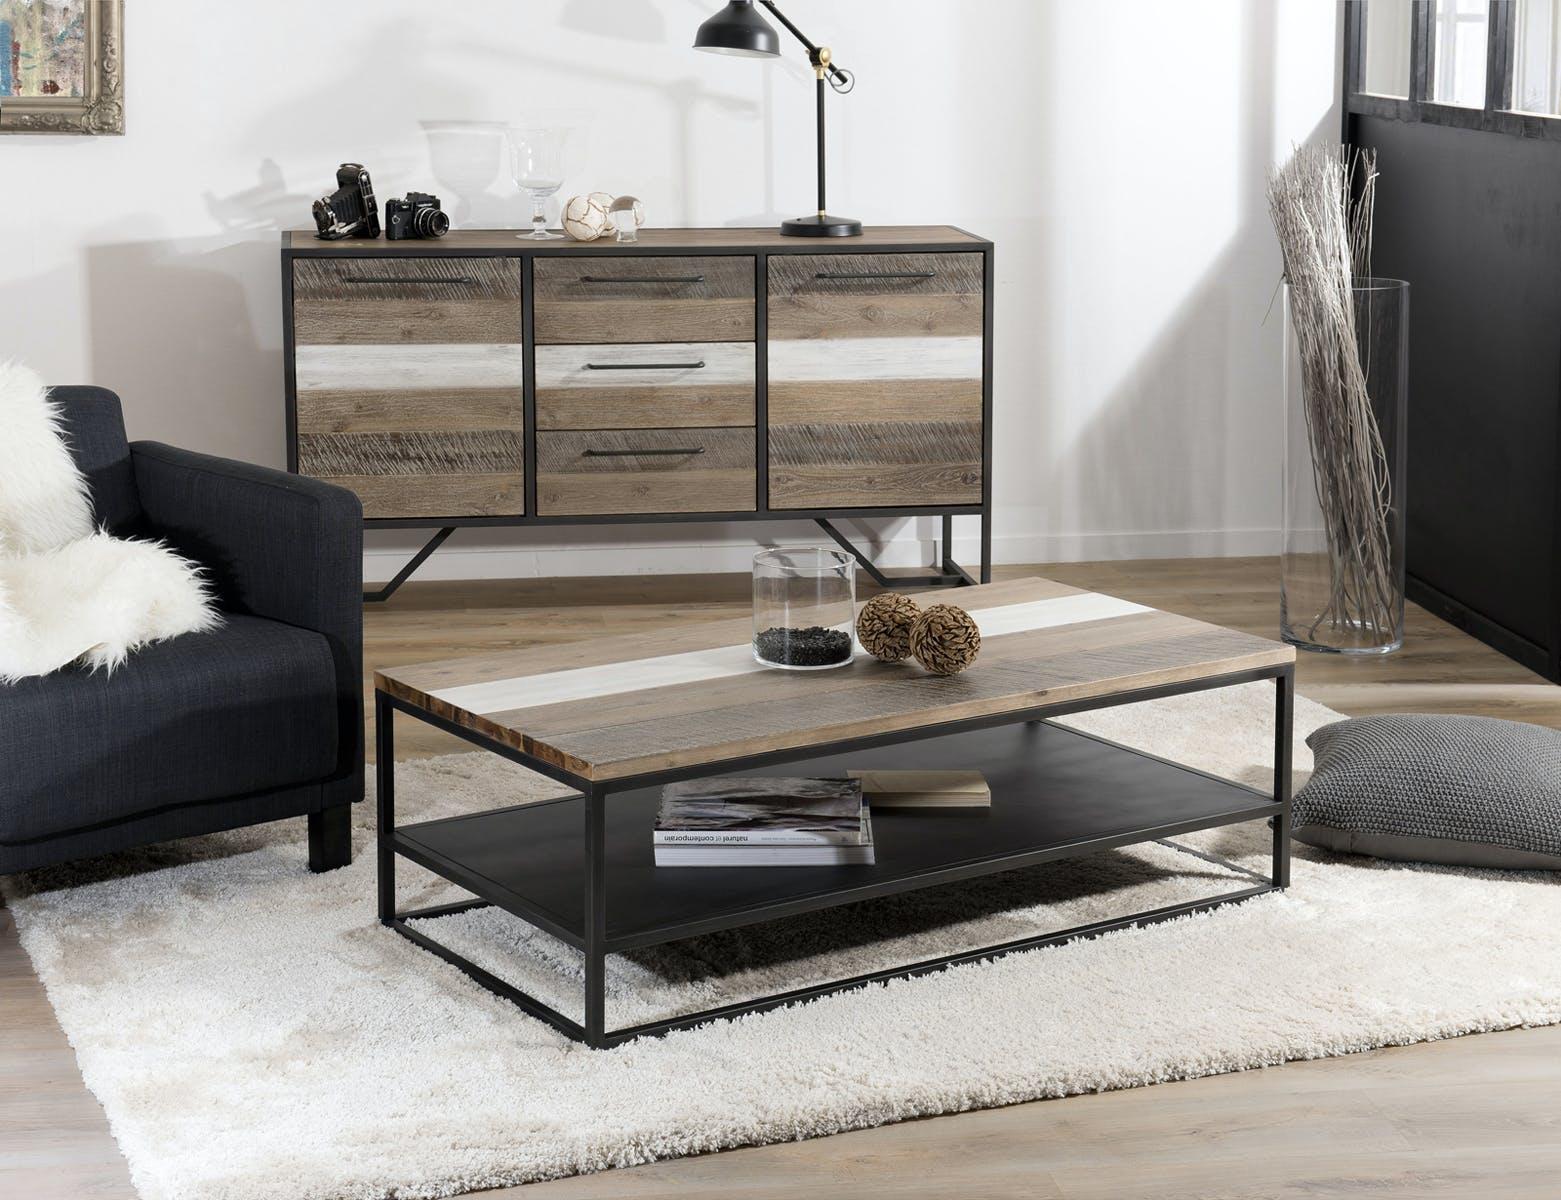 Table basse double plateau Acacia dégradé couleurs métal 120x60x40cm MATHYS